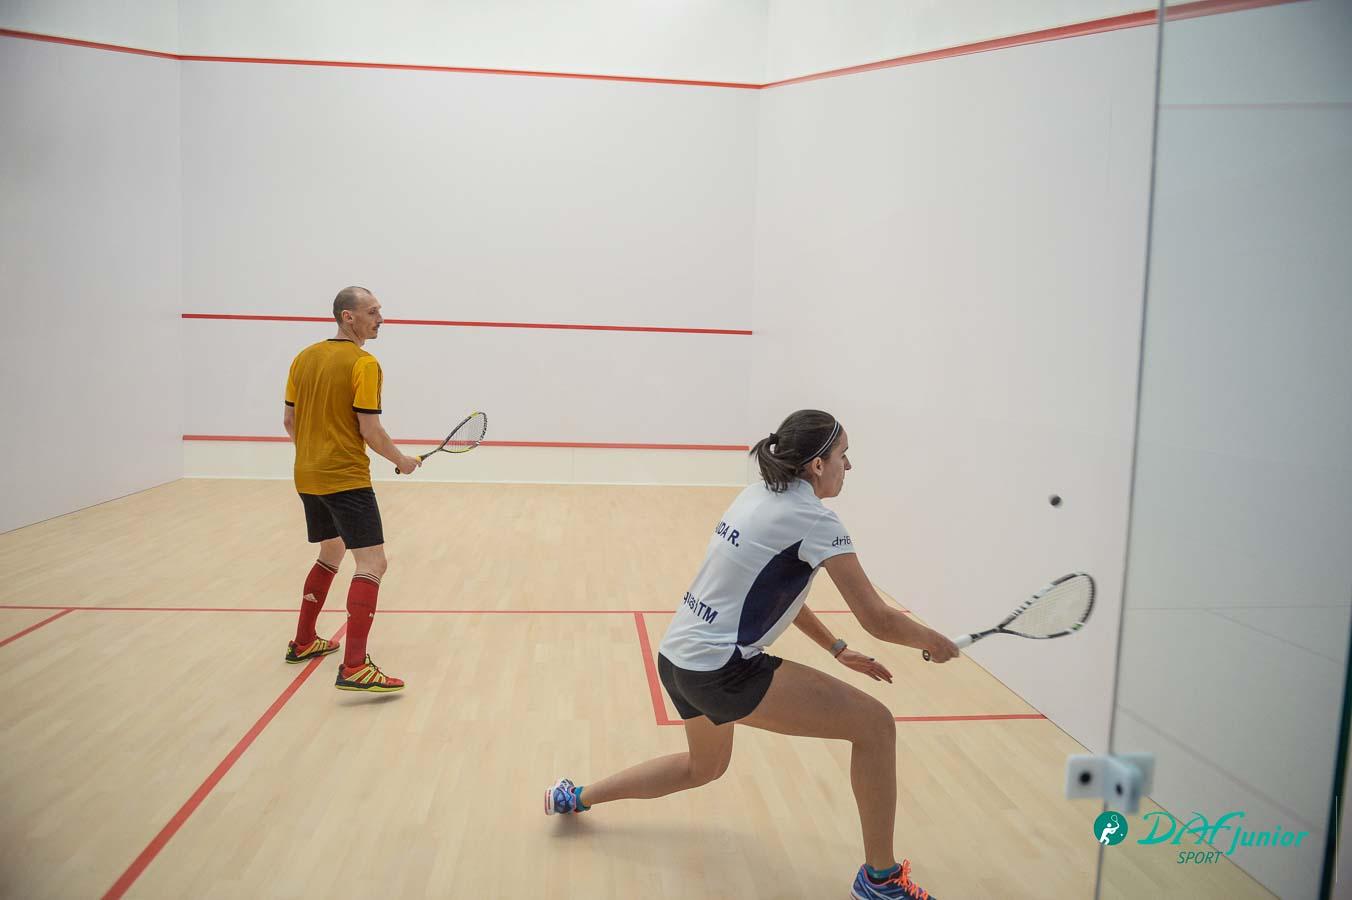 daf-sport-gallery-14